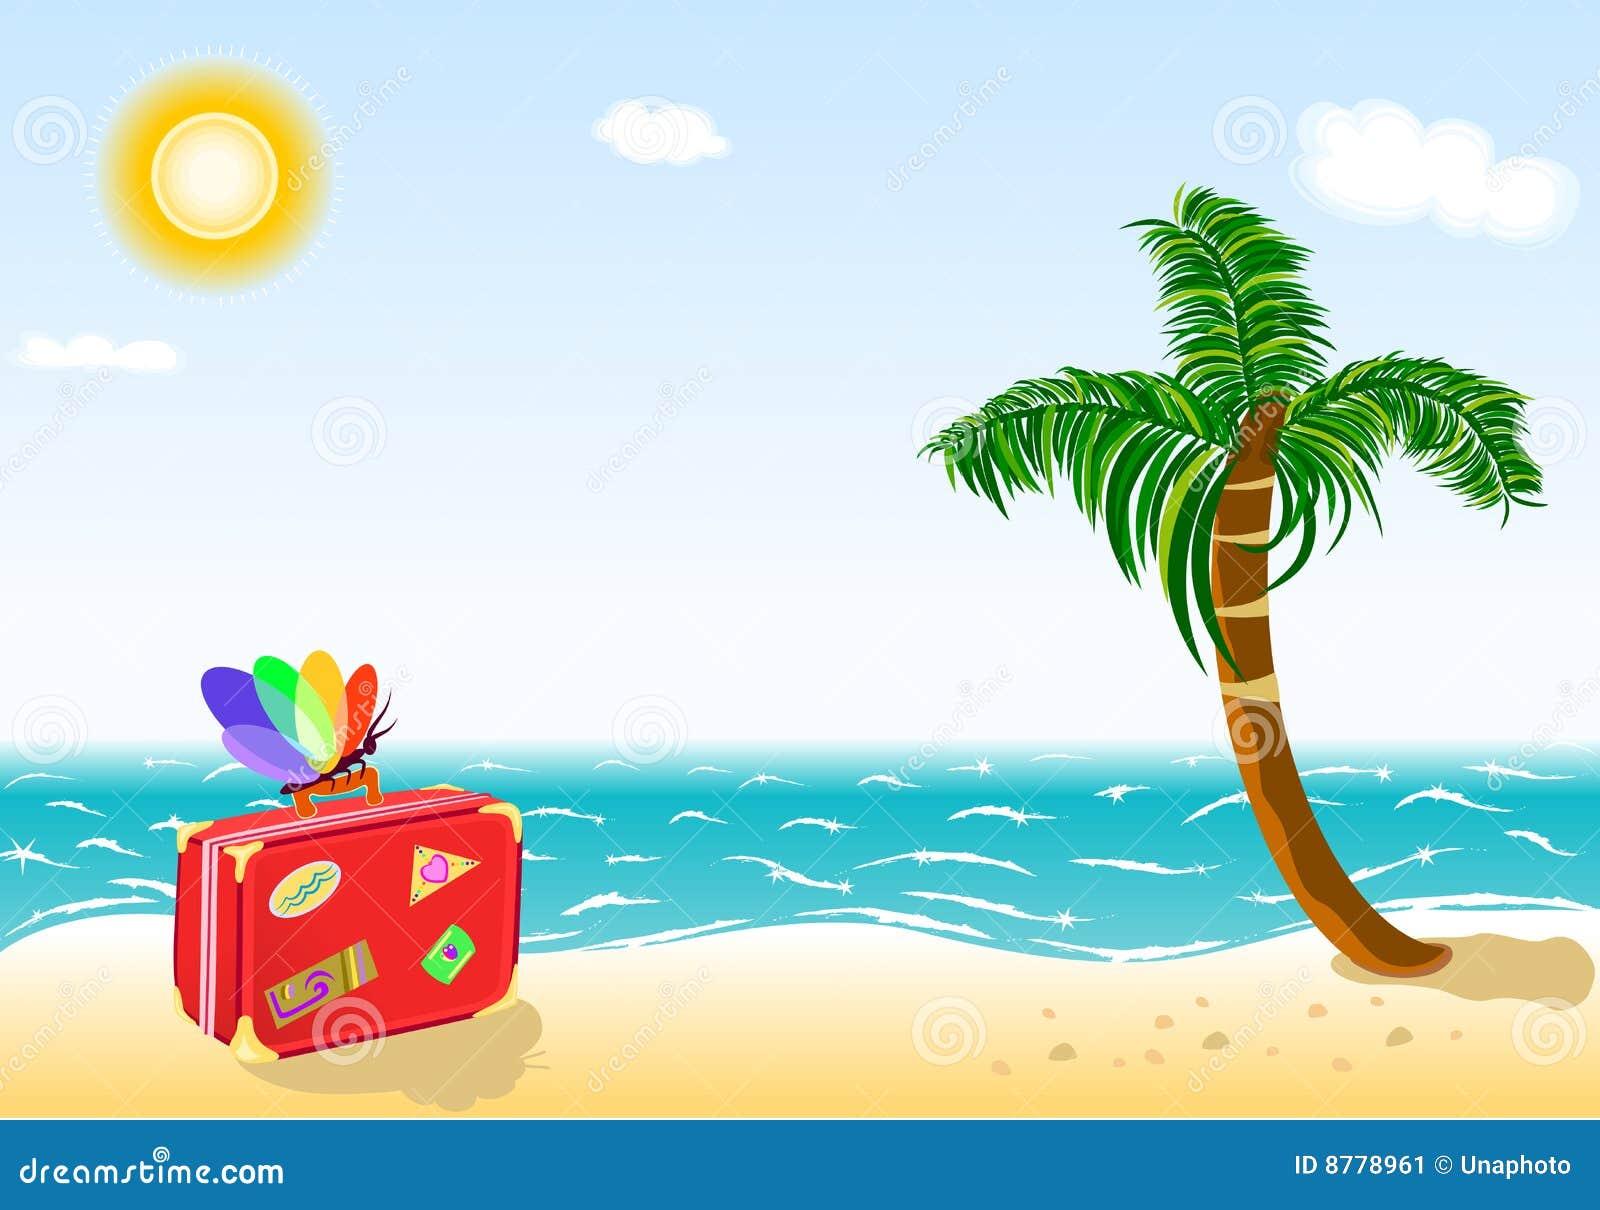 Recorrido De Las Vacaciones De Verano A La Playa Tropical Imagen ...